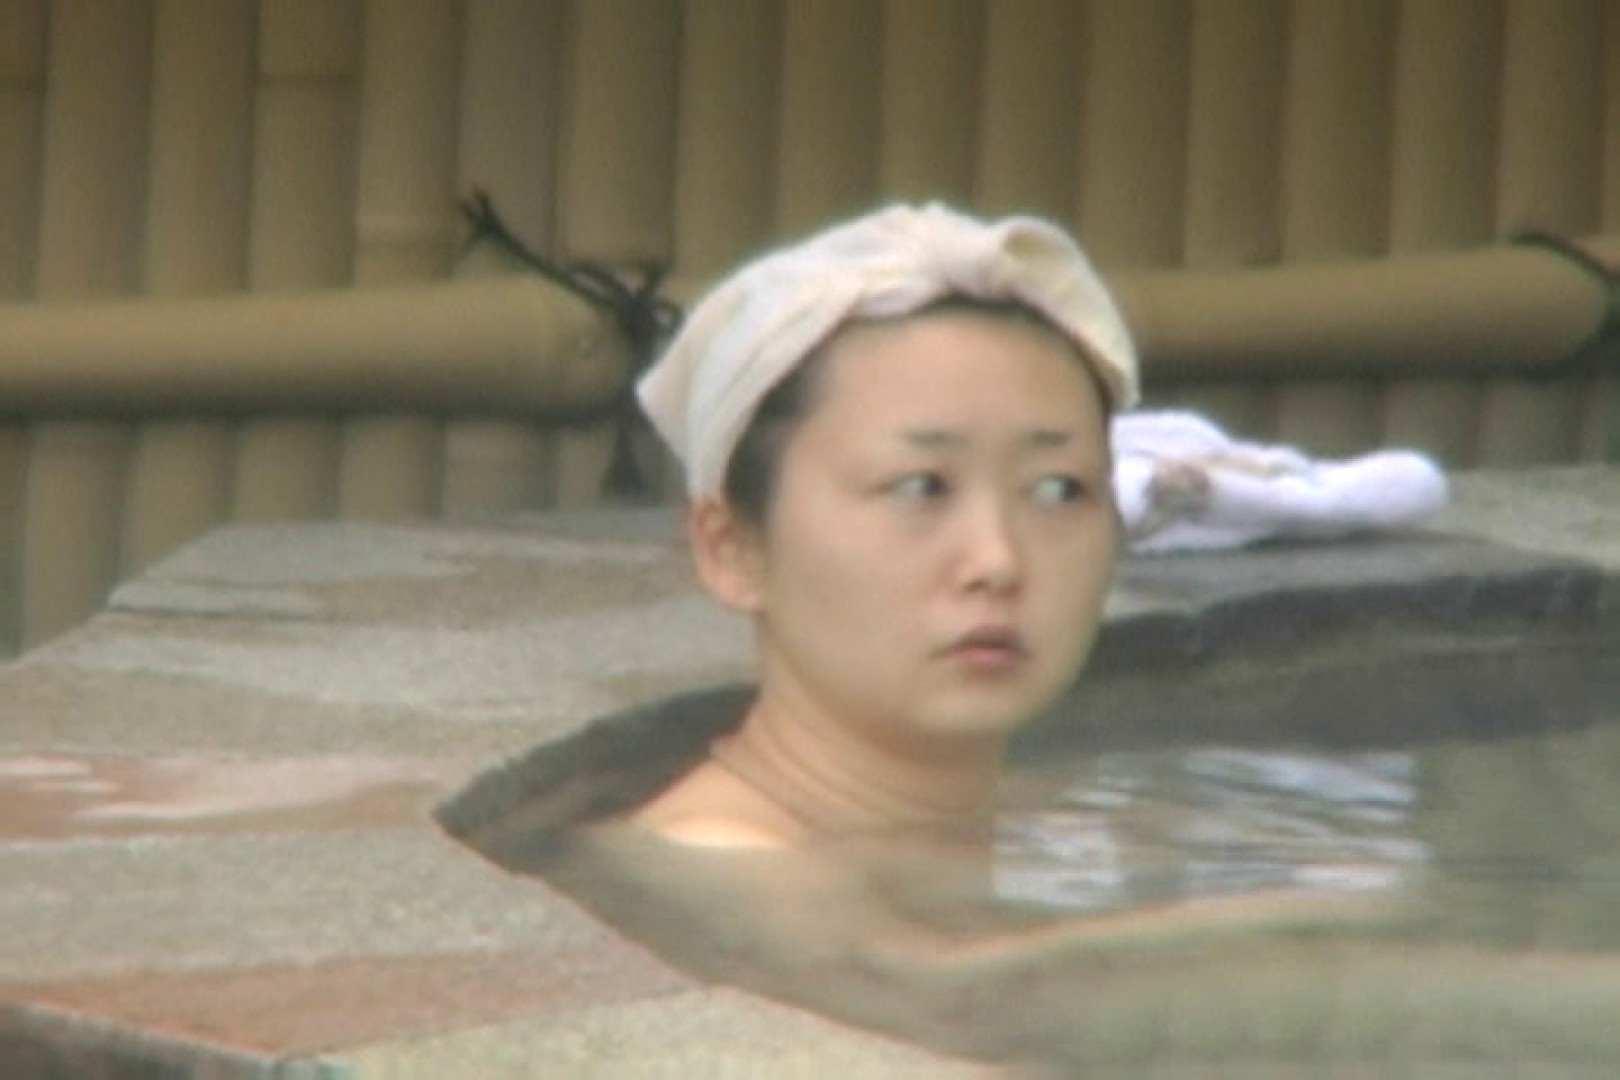 Aquaな露天風呂Vol.564 美しいOLの裸体   盗撮師作品  100pic 25